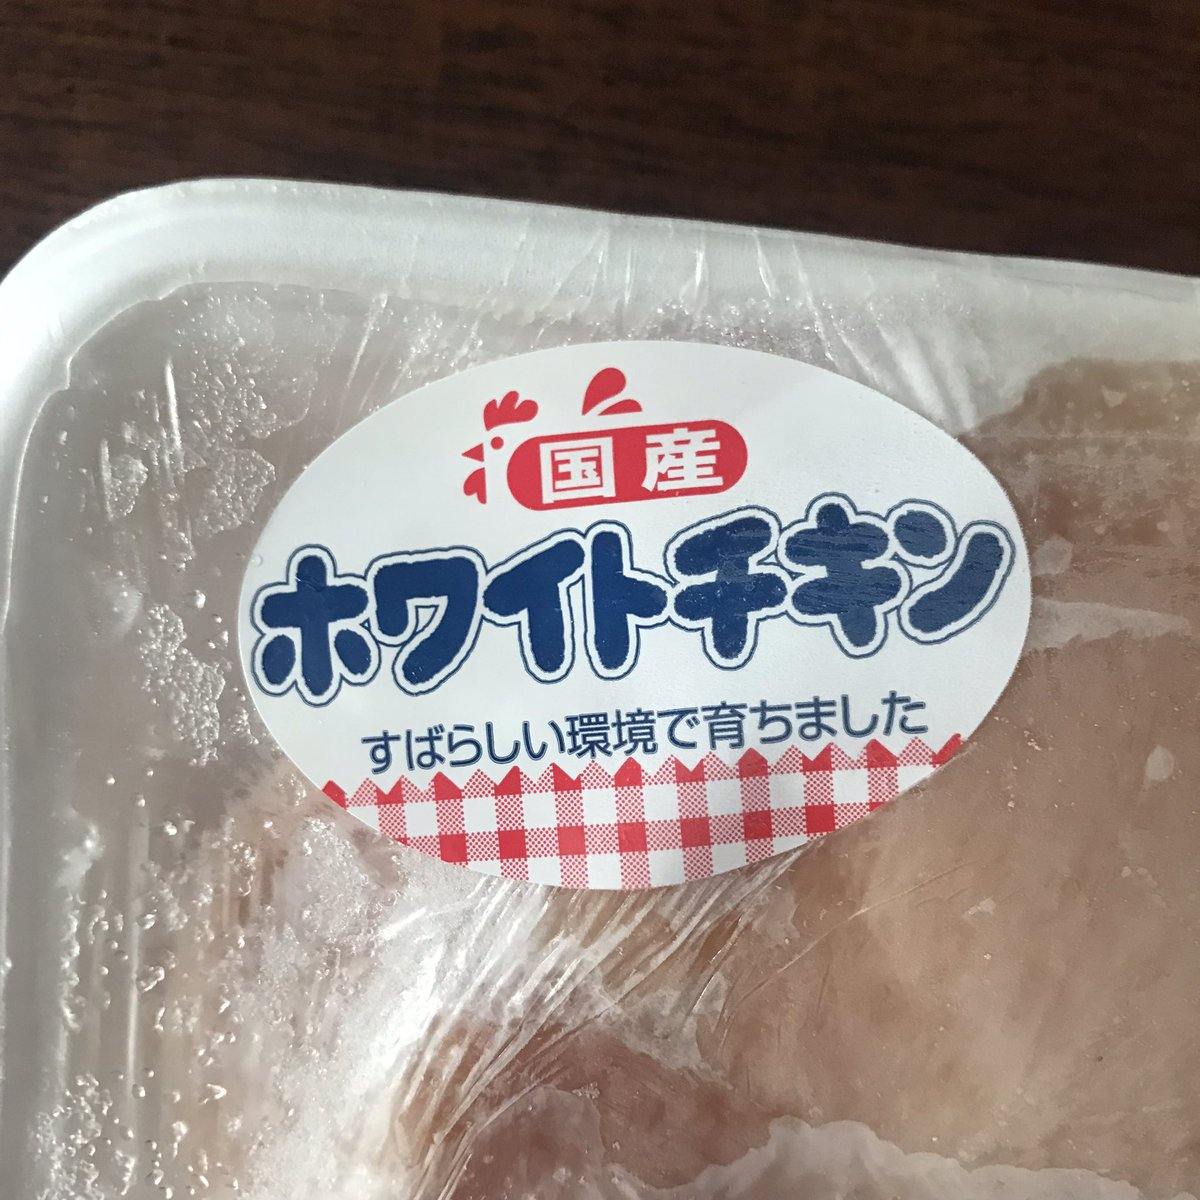 冷凍庫で凍った状態の鶏胸肉のレシピがこちら!解凍いらずで鶏塩チャーシューが完成!